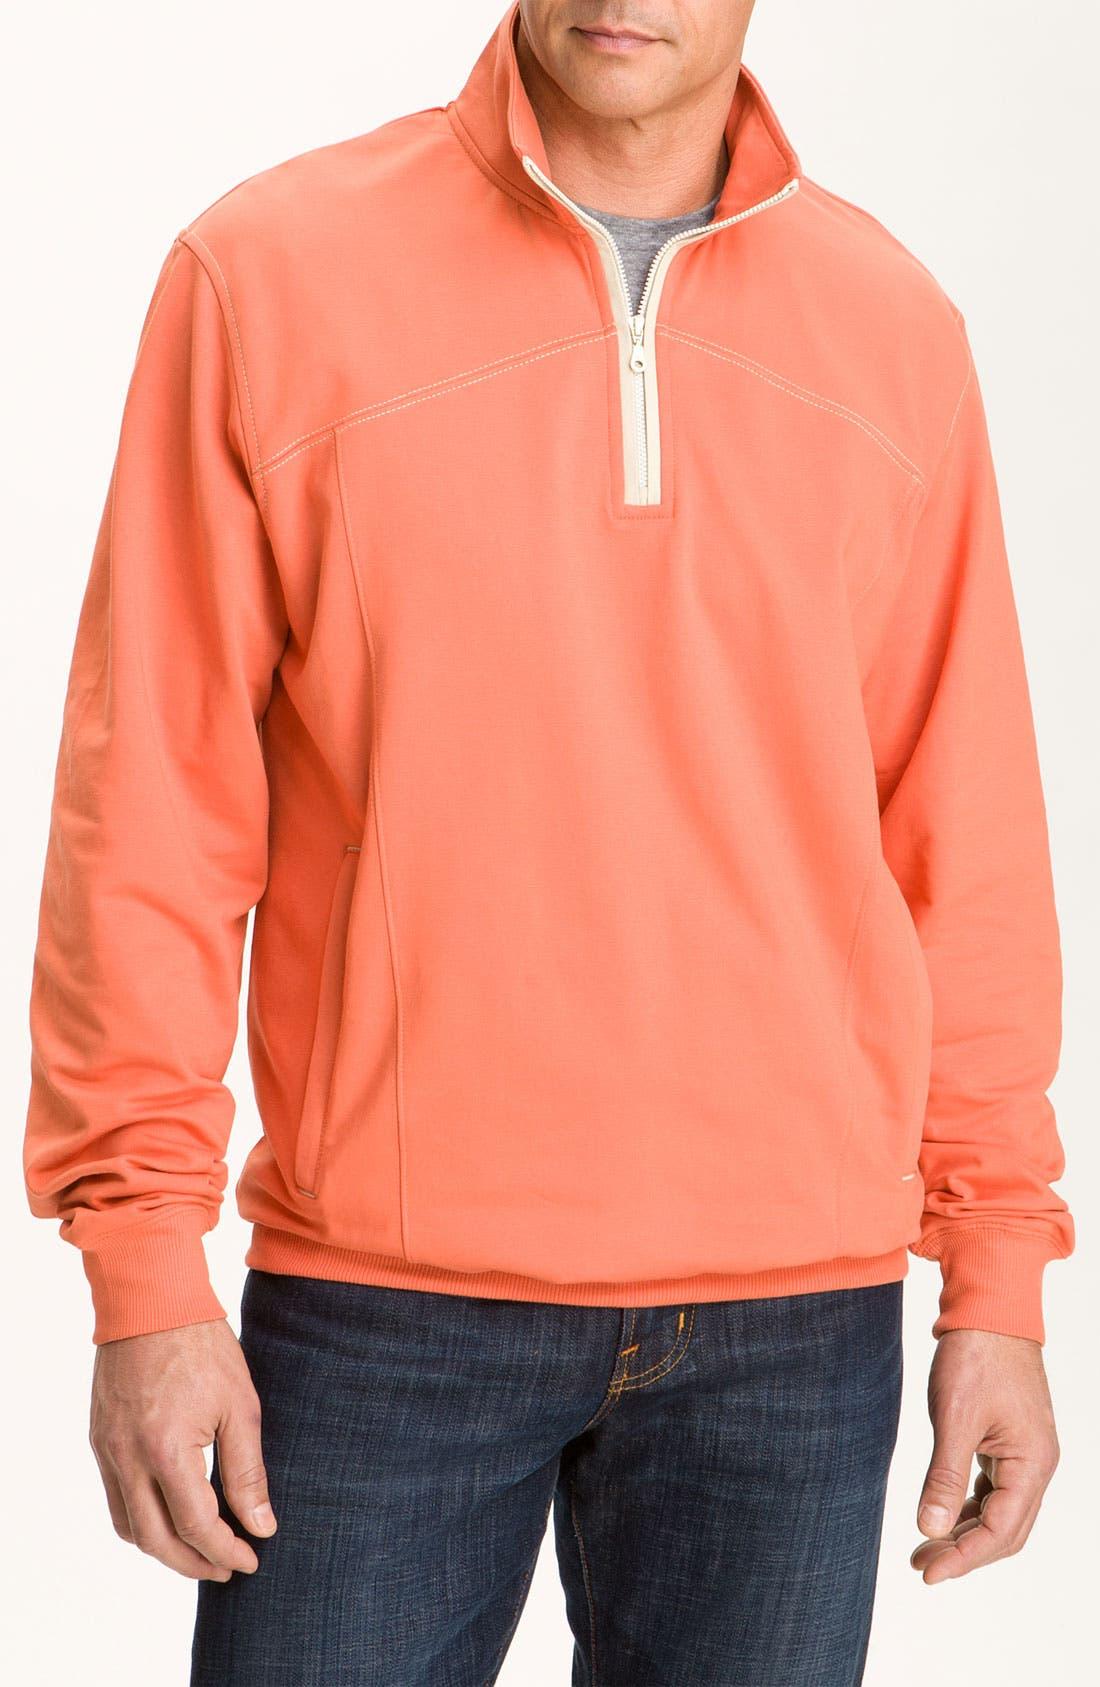 Main Image - Cutter & Buck 'Mackenzie' Pullover Sweatshirt